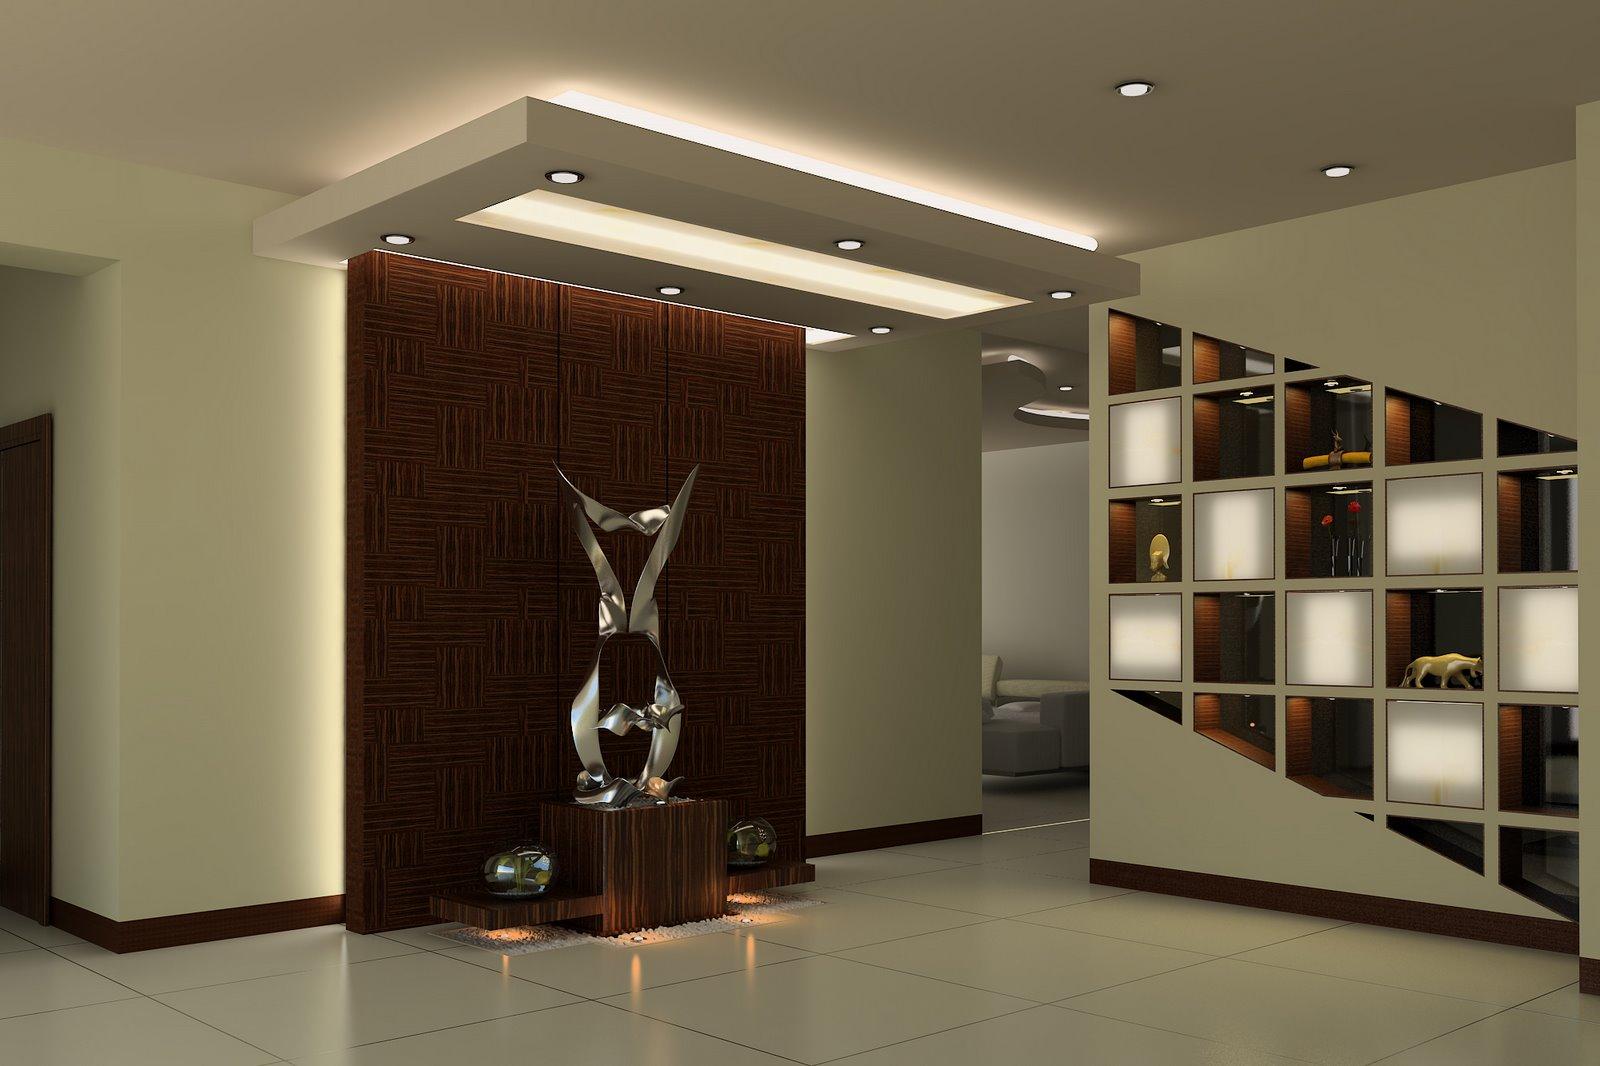 foyer-002.jpg